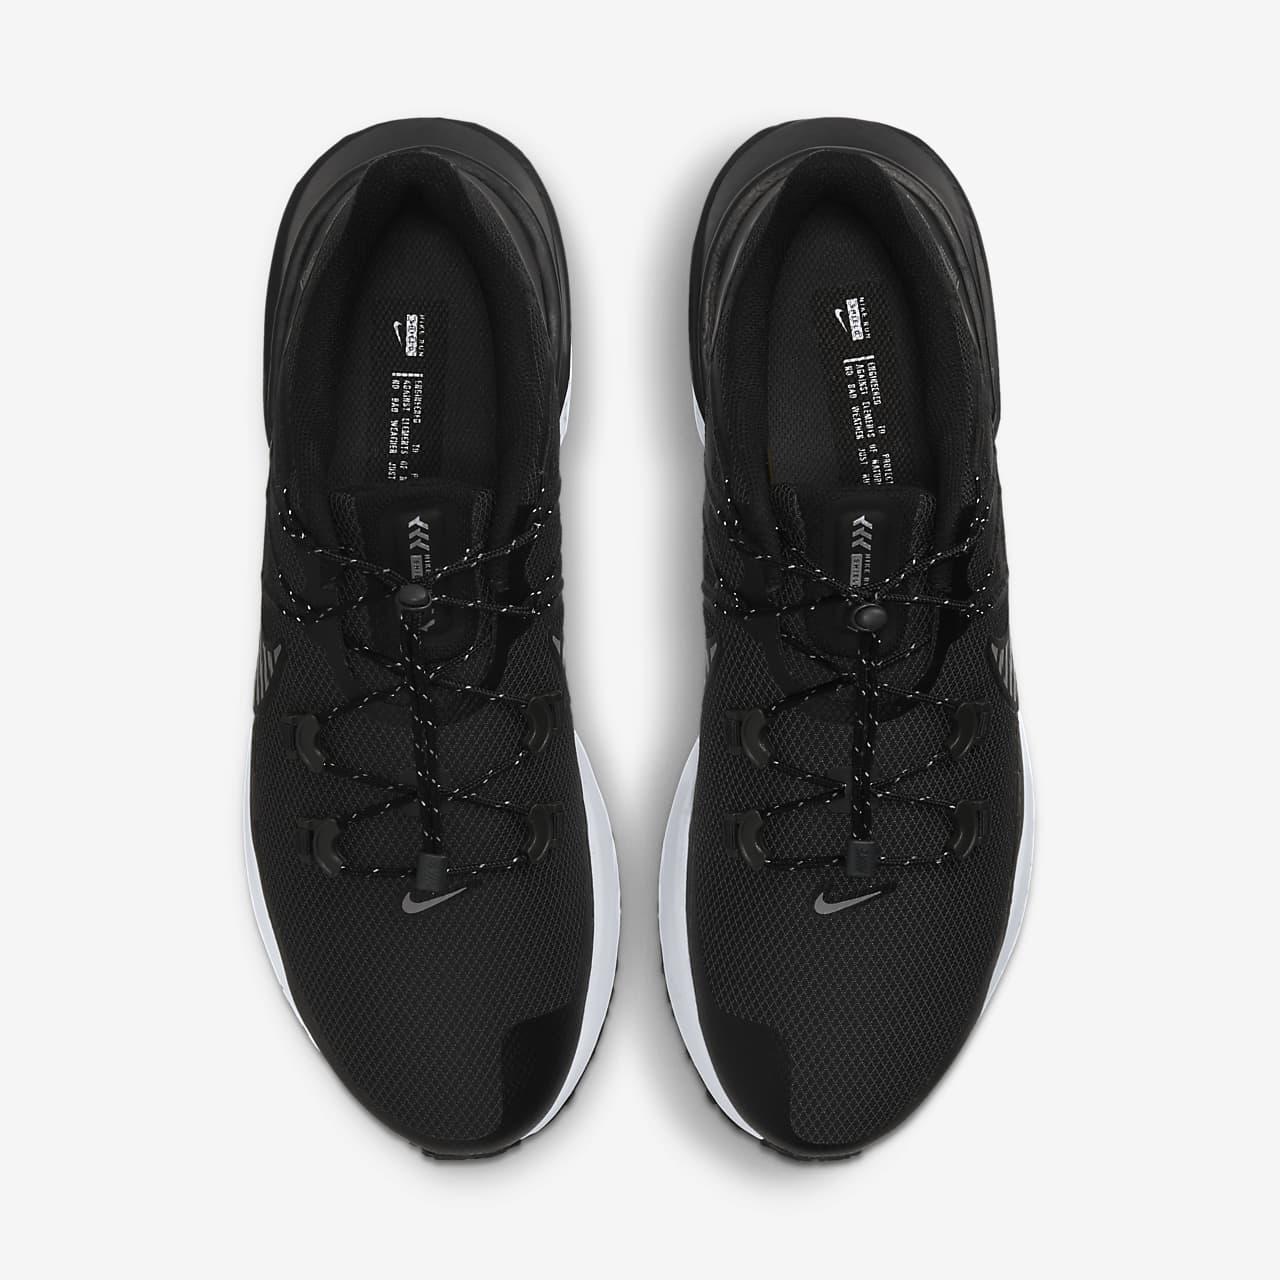 유럽직배송 나이키 NIKE Nike Legend React 3 Shield Men's Running Shoe CU3864-001